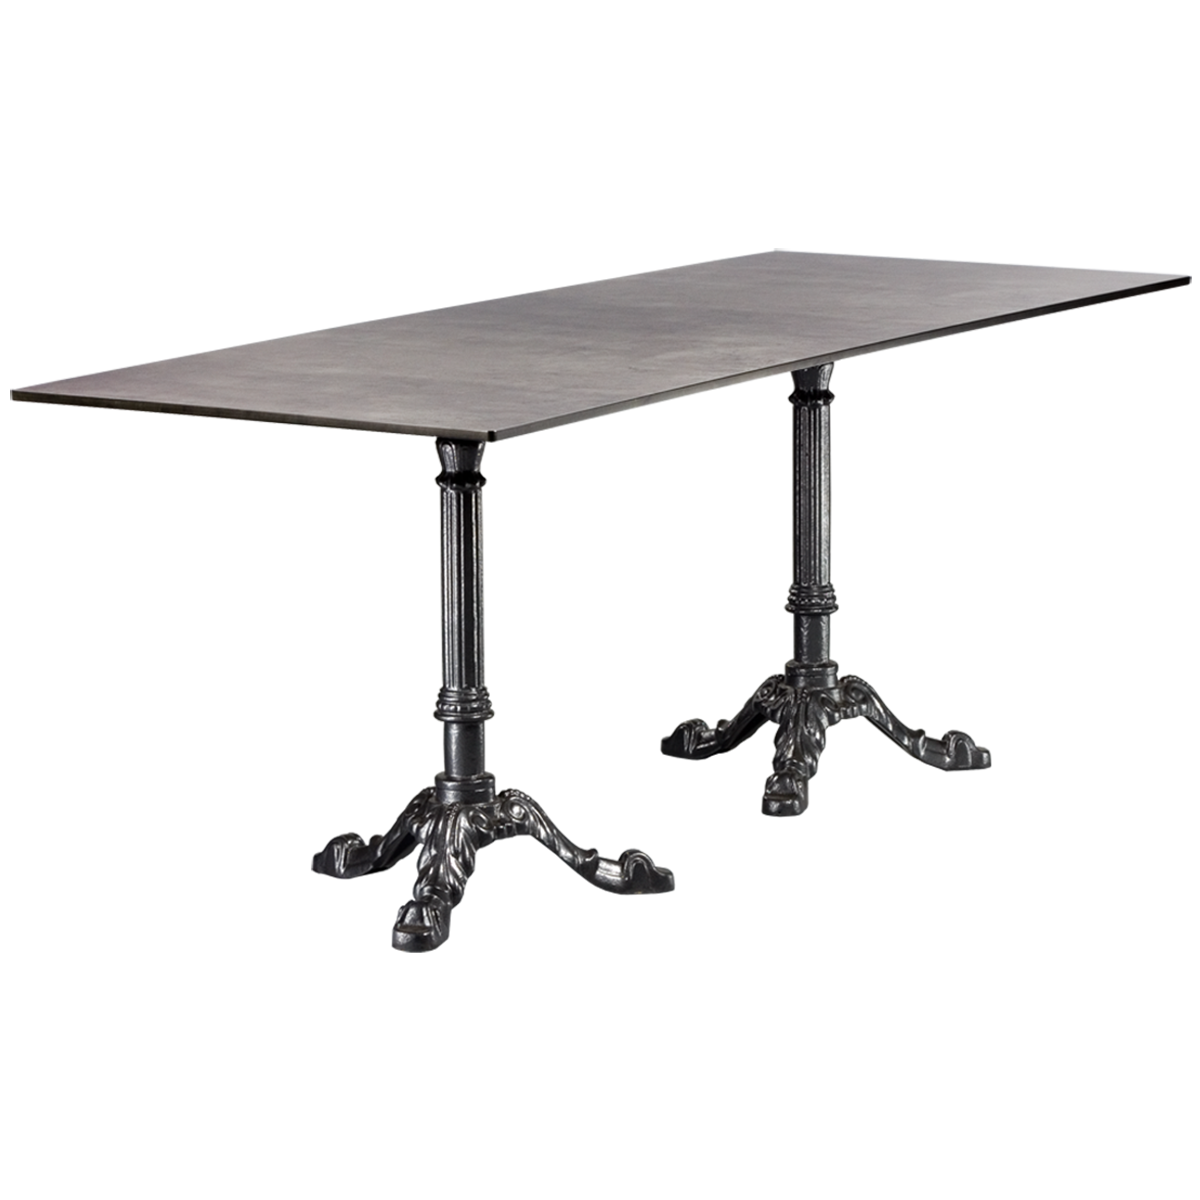 dieeventausstatter Sitztisch Classic Platte outdoor Beton